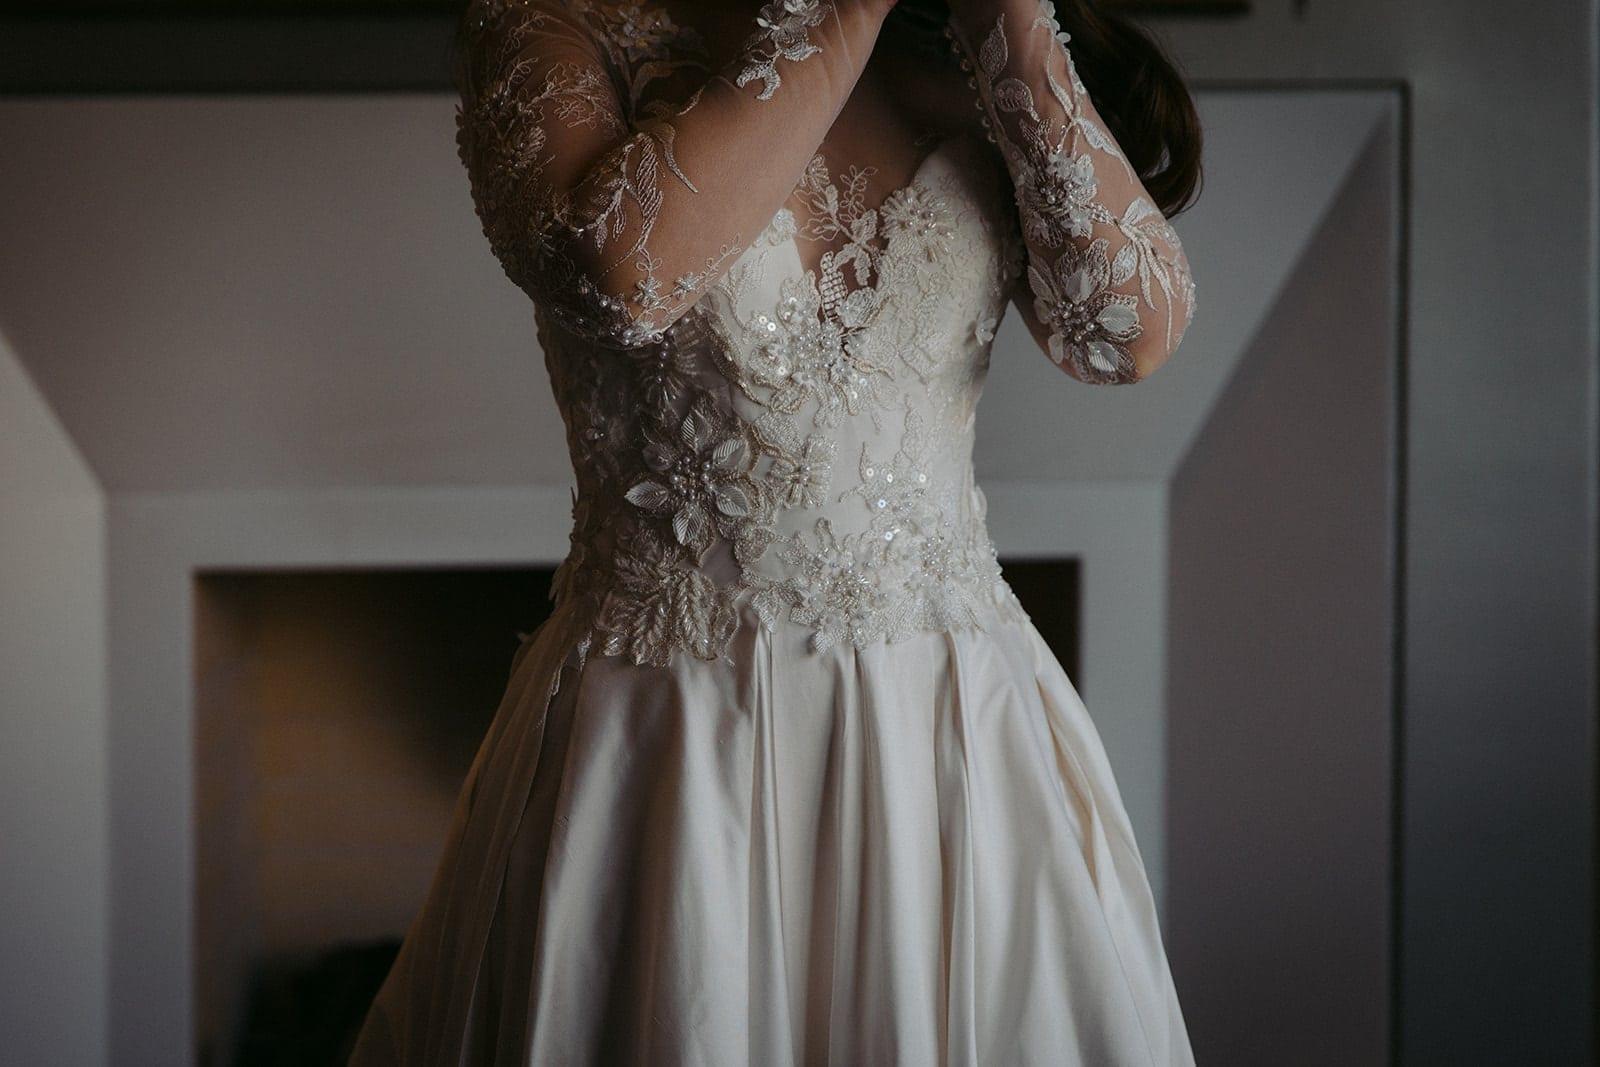 Real Weddings | Vinka Design | Real Brides Wearing Vinka Gowns | Sara and Ben - Sara lower half showing beautiful detail of bespoke wedding gown